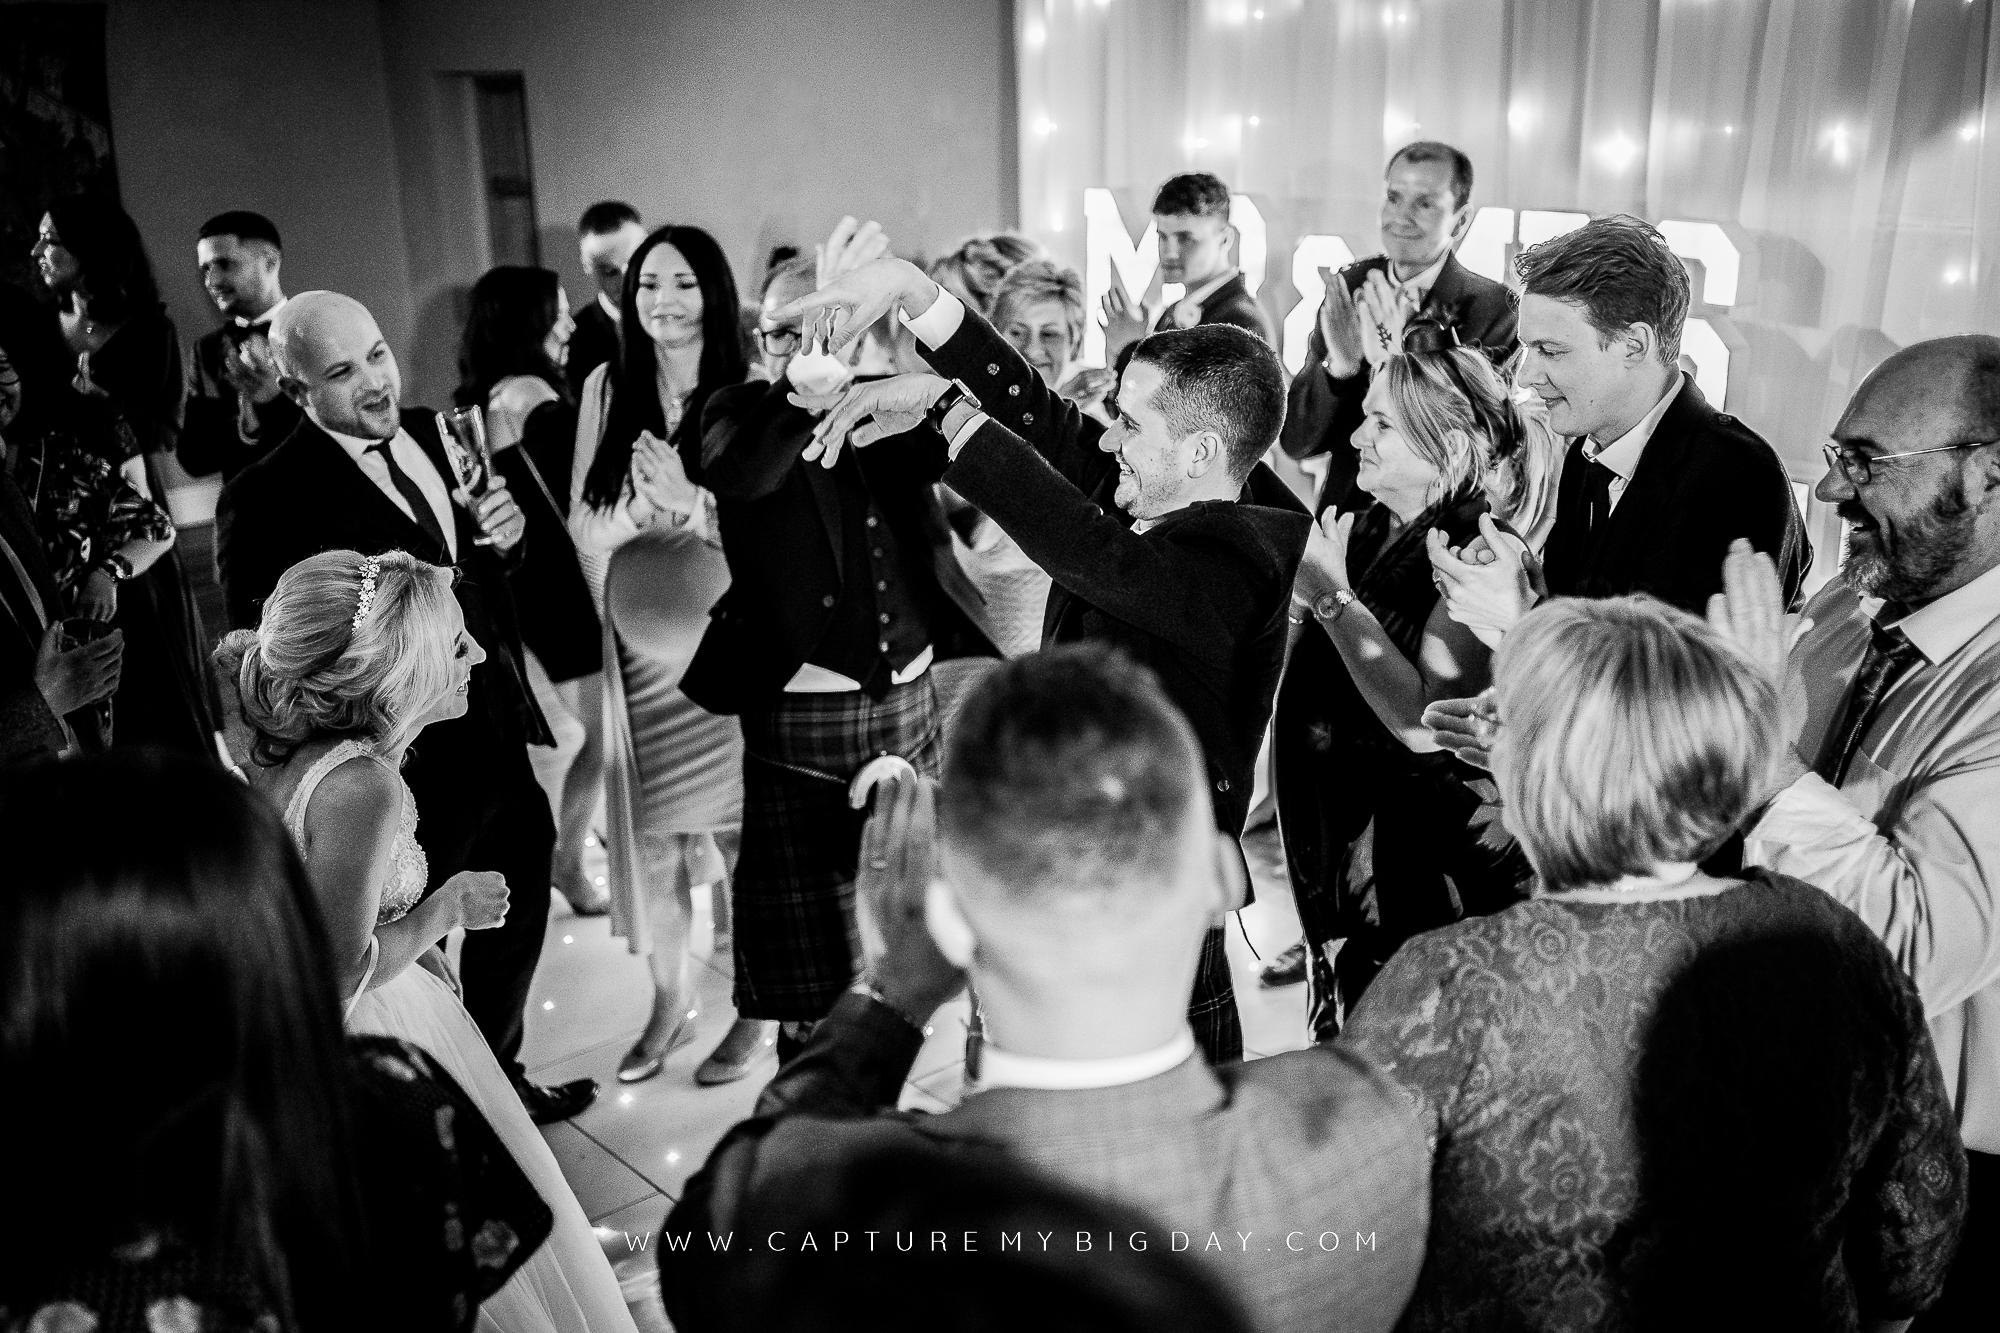 bride and groom with friends on dancefloor